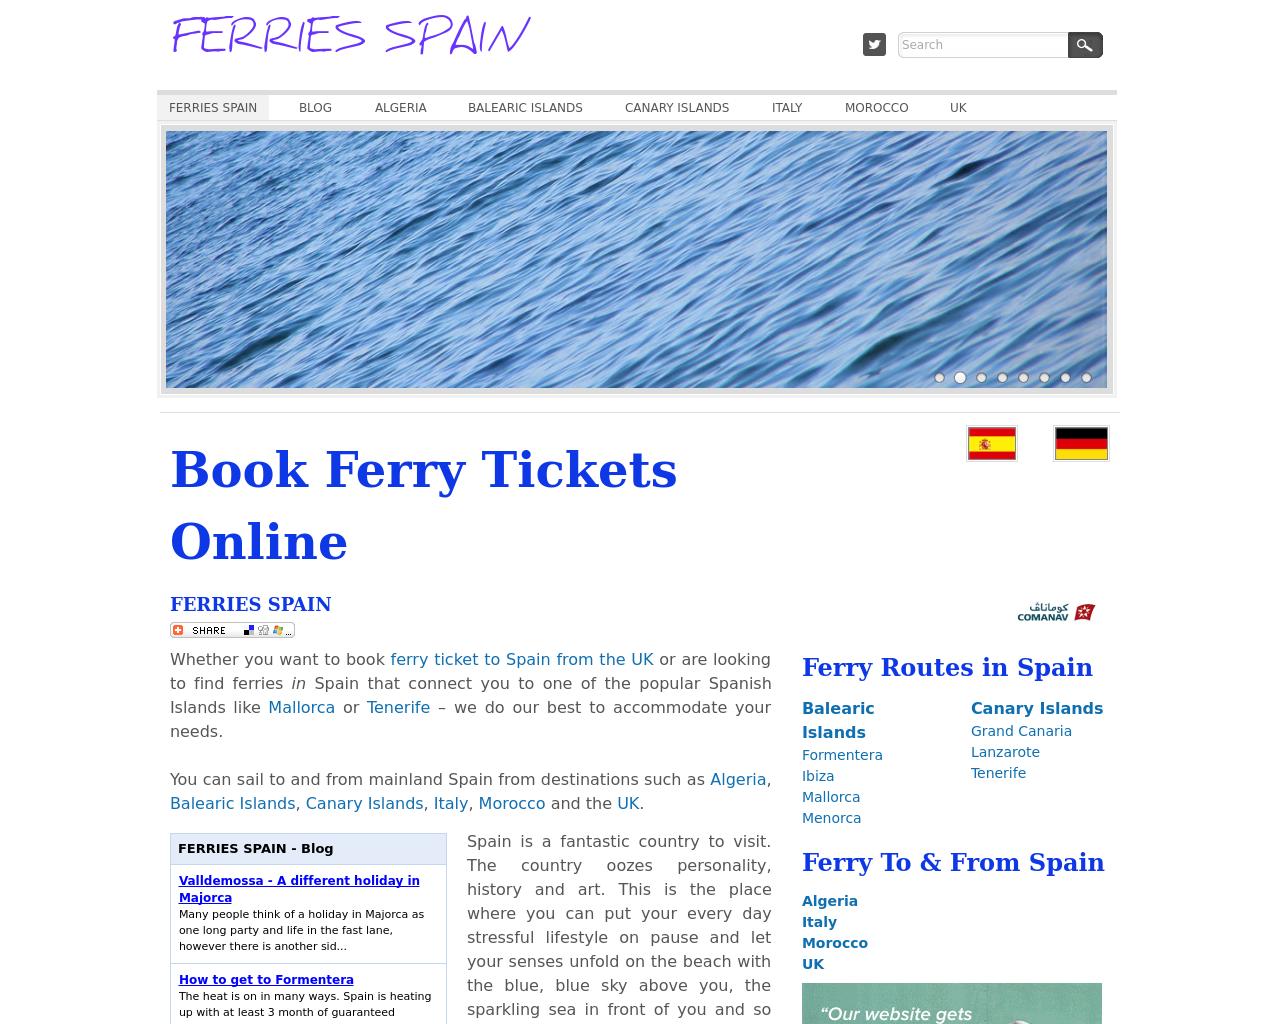 Ferries-Spain-Advertising-Reviews-Pricing